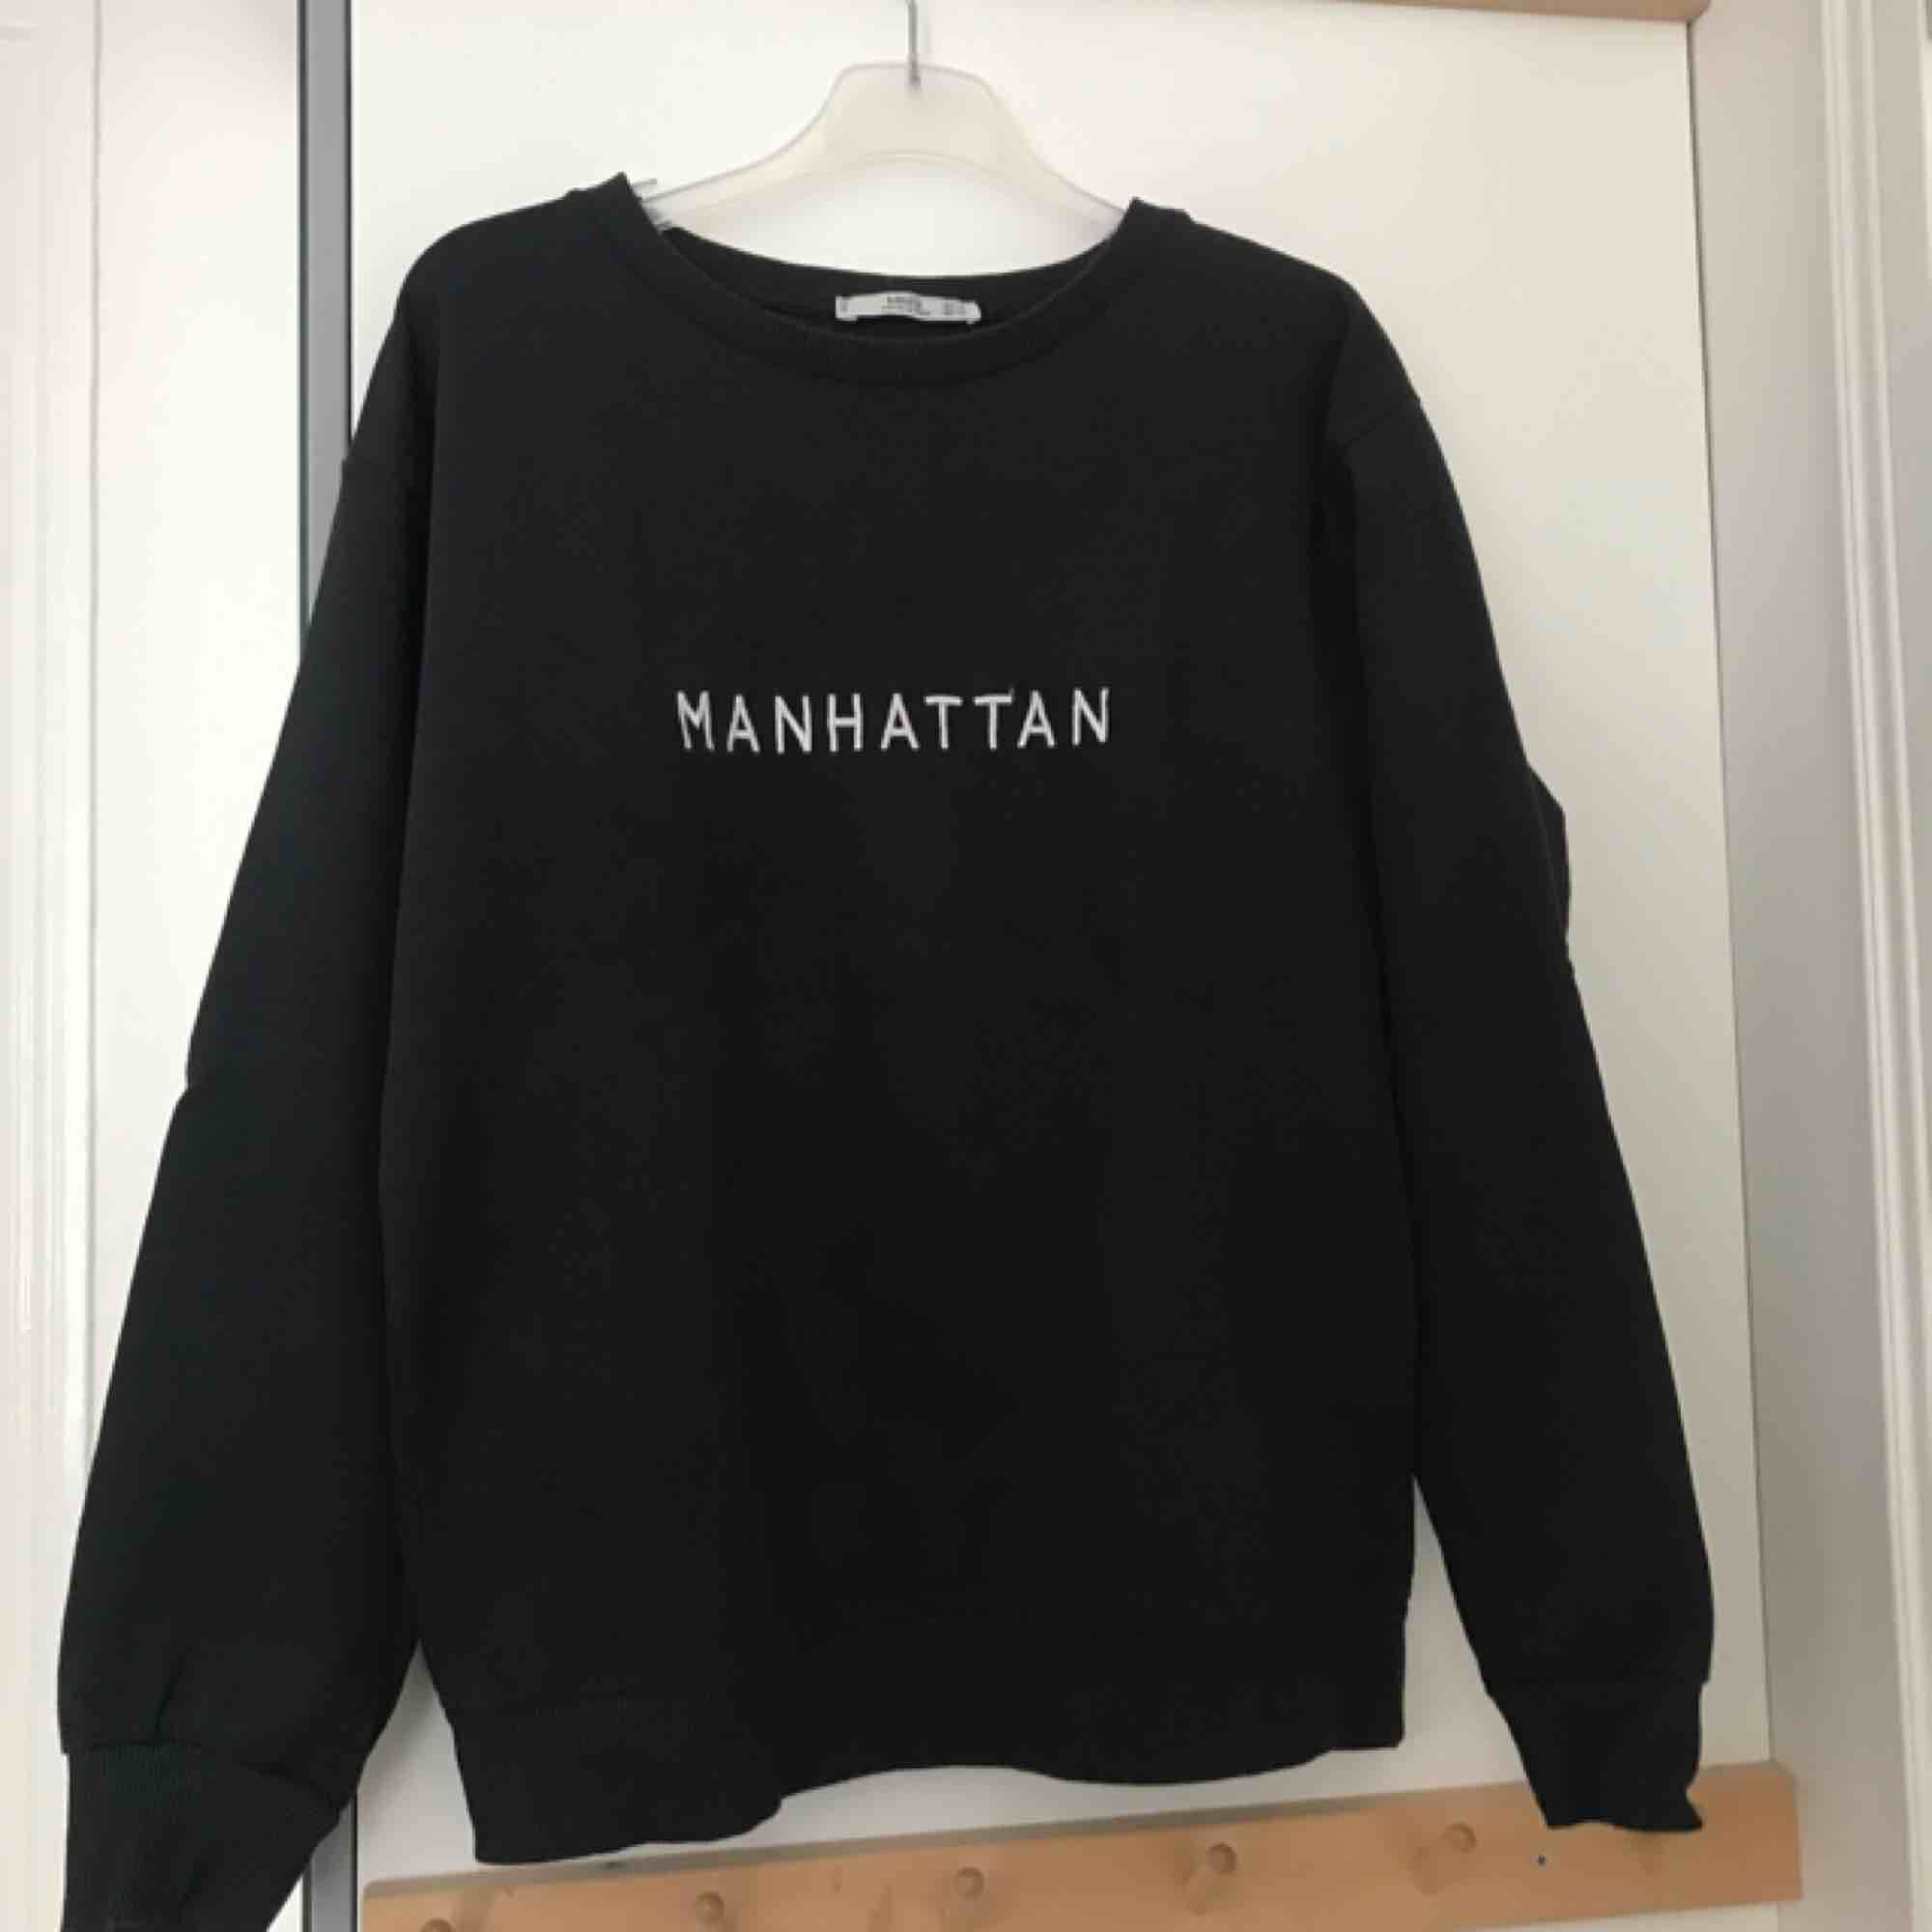 Svart sweatshirt från Mango! Superbra skick samt kvalité. Funkar utmärkt på både kalla vinterdagar och svalare sommarkvällar. Passar M lika bra som S.. Tröjor & Koftor.